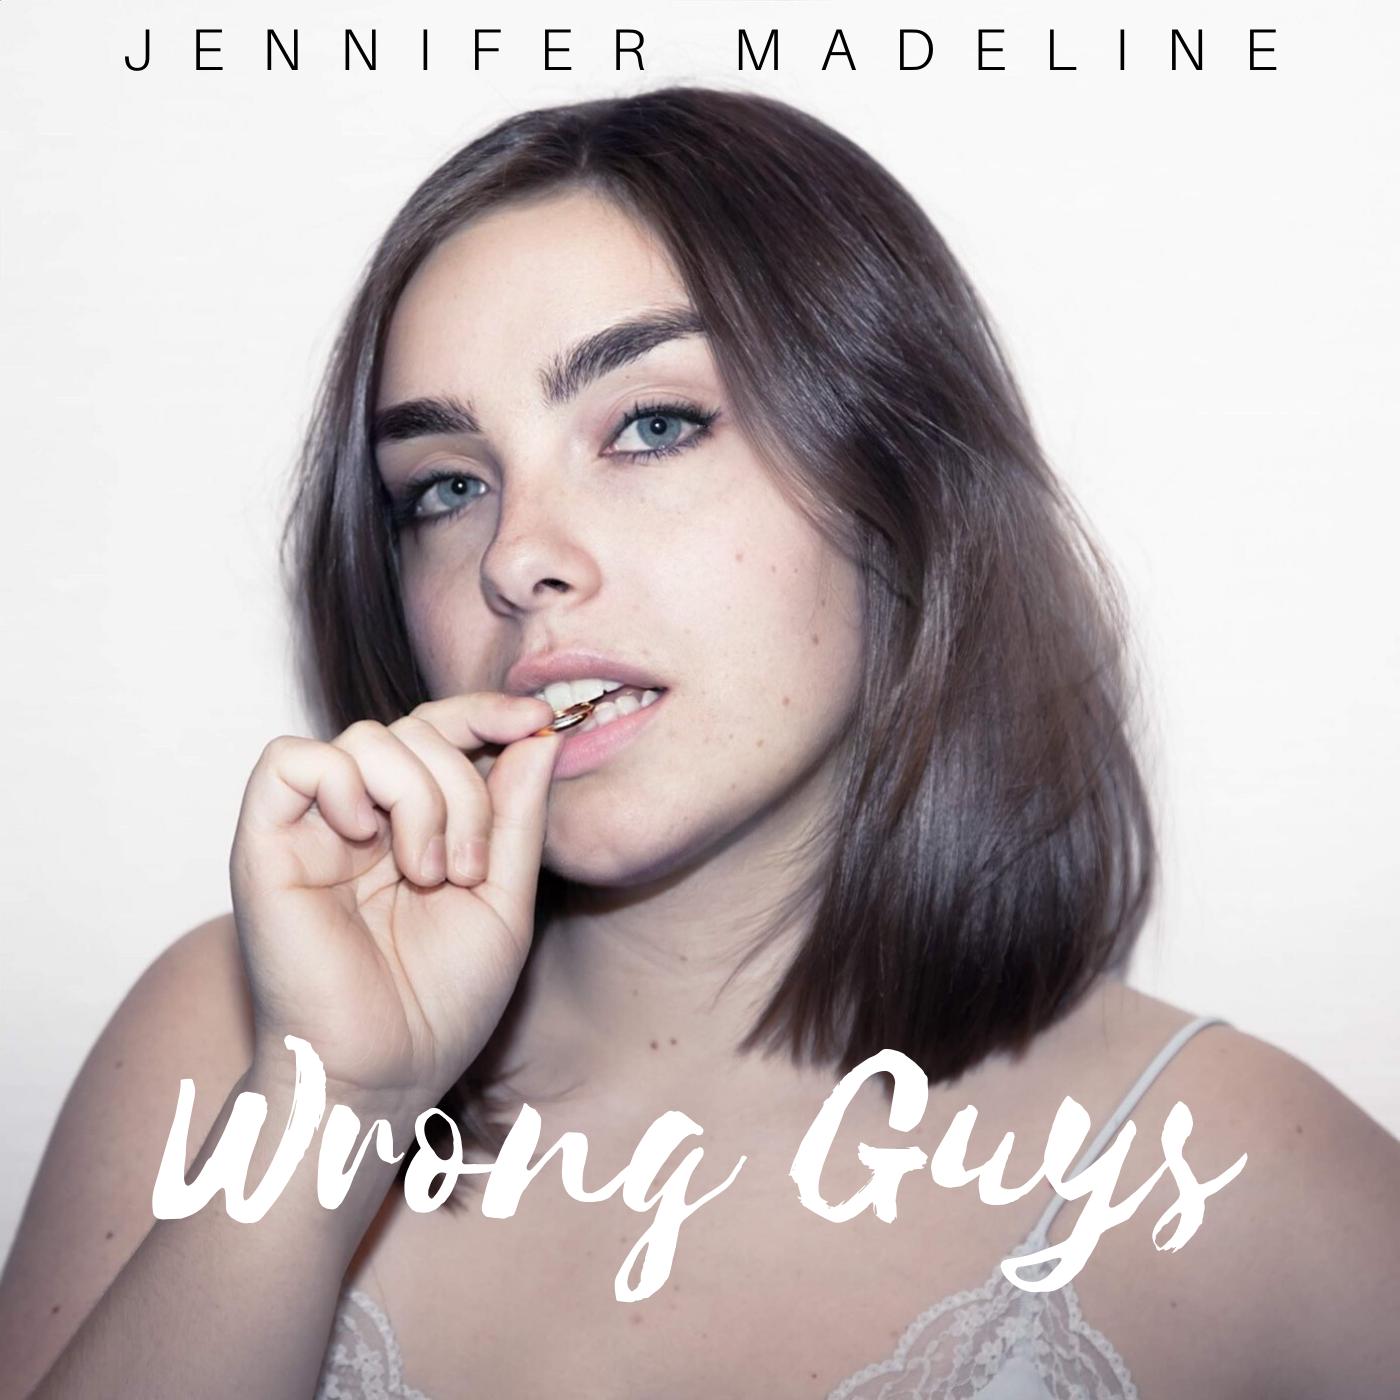 Wrong Guys